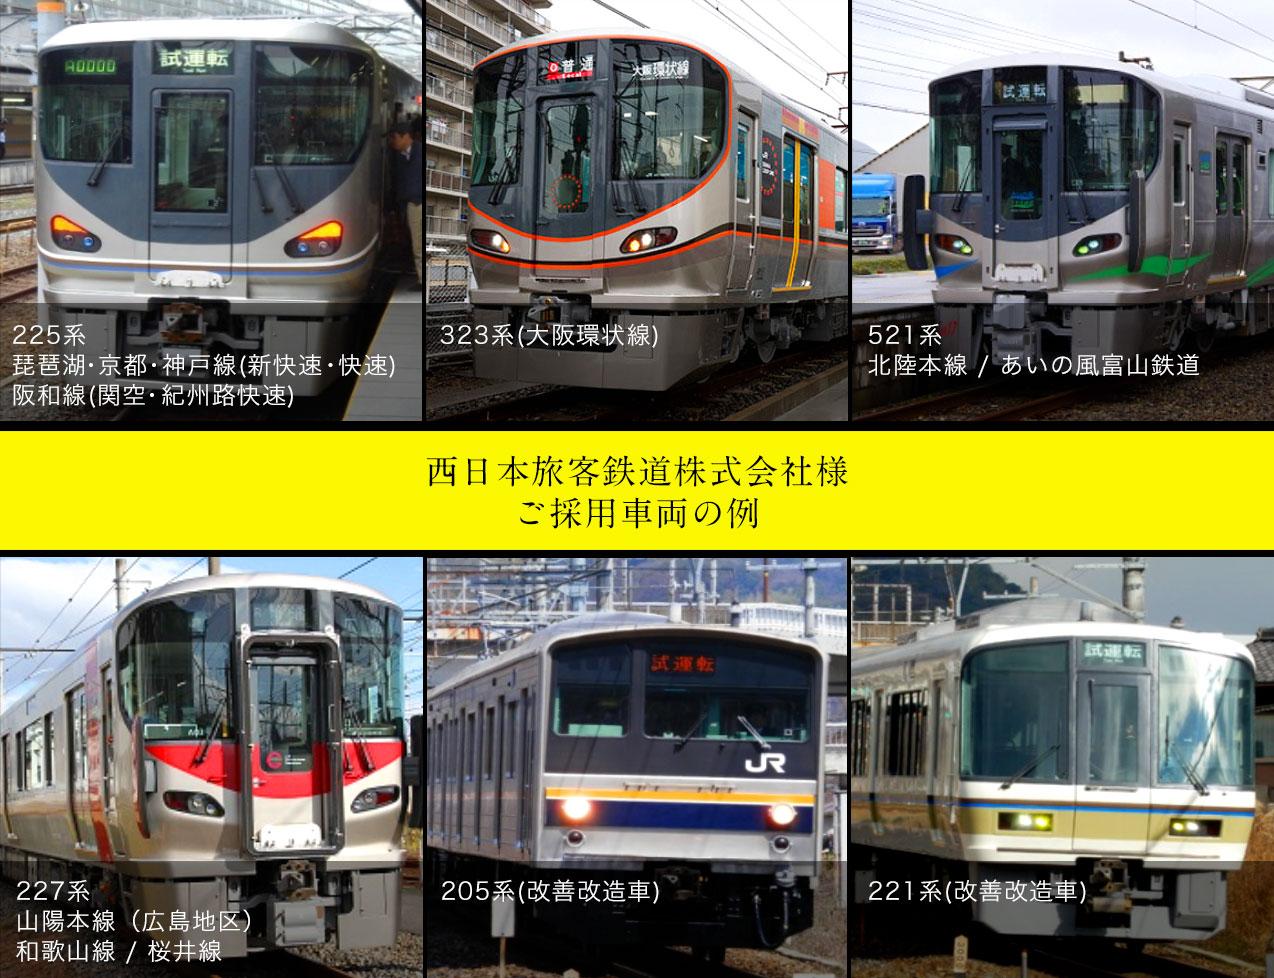 西日本旅客鉄道株式会社様 ご採用車両の例